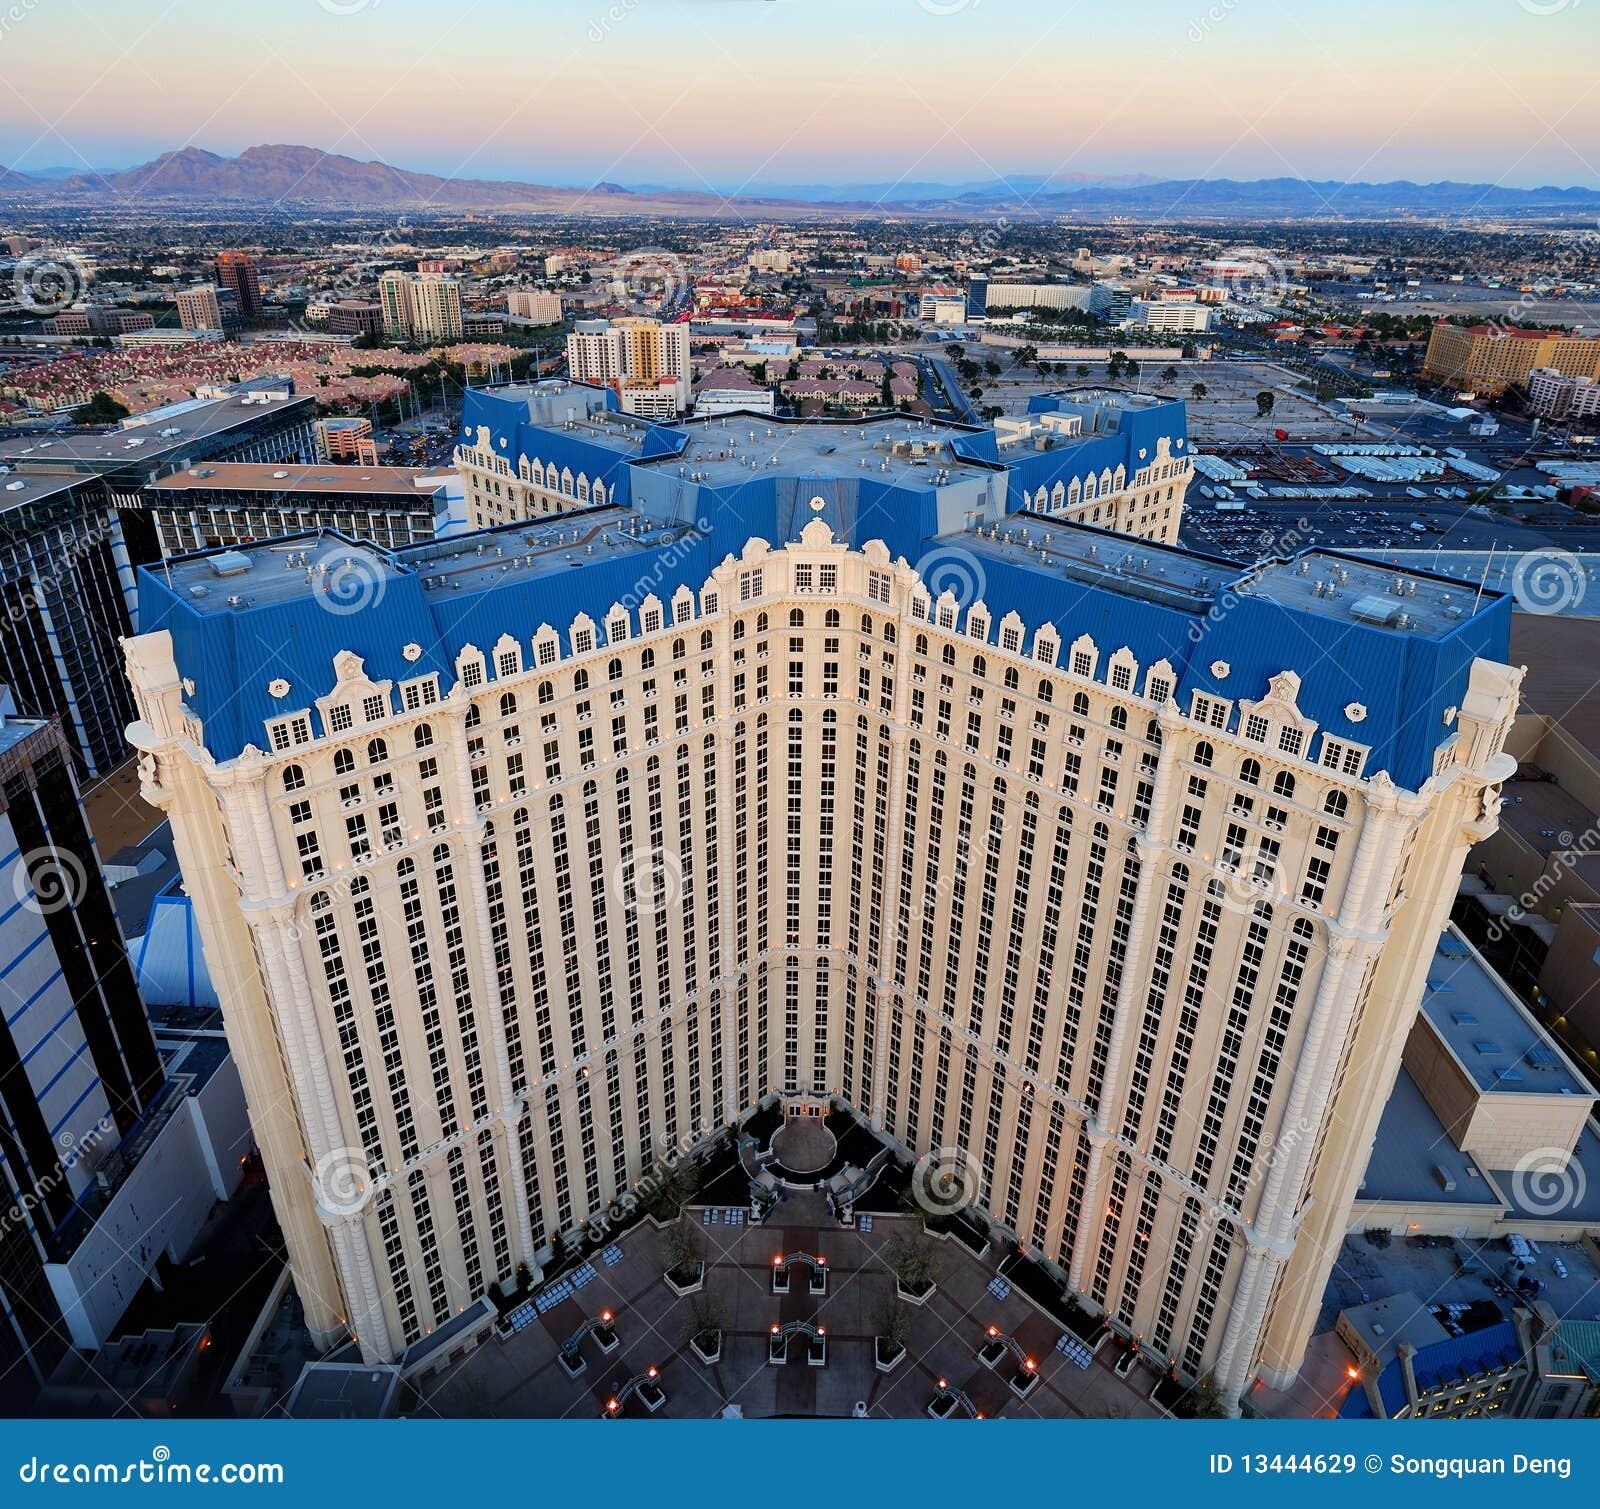 Las vegas paris hotel and casino editorial stock image - Hotel las gaunas en logrono ...